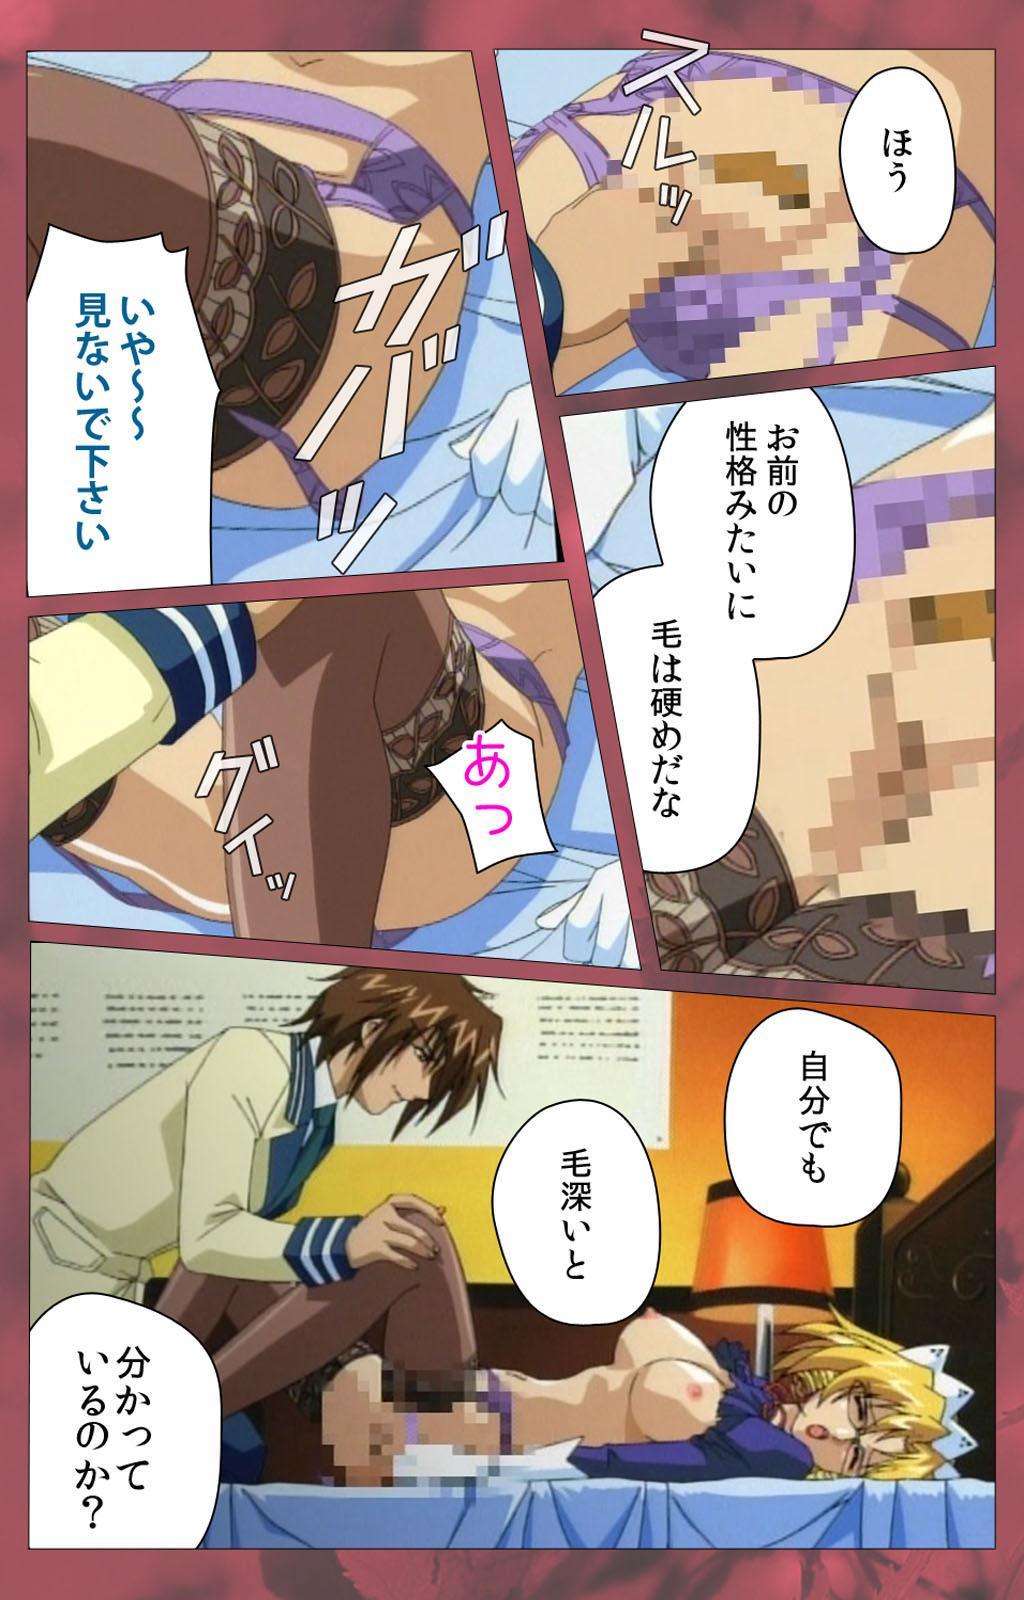 'watashi ningyo jaarimasen' kanzenhan 192